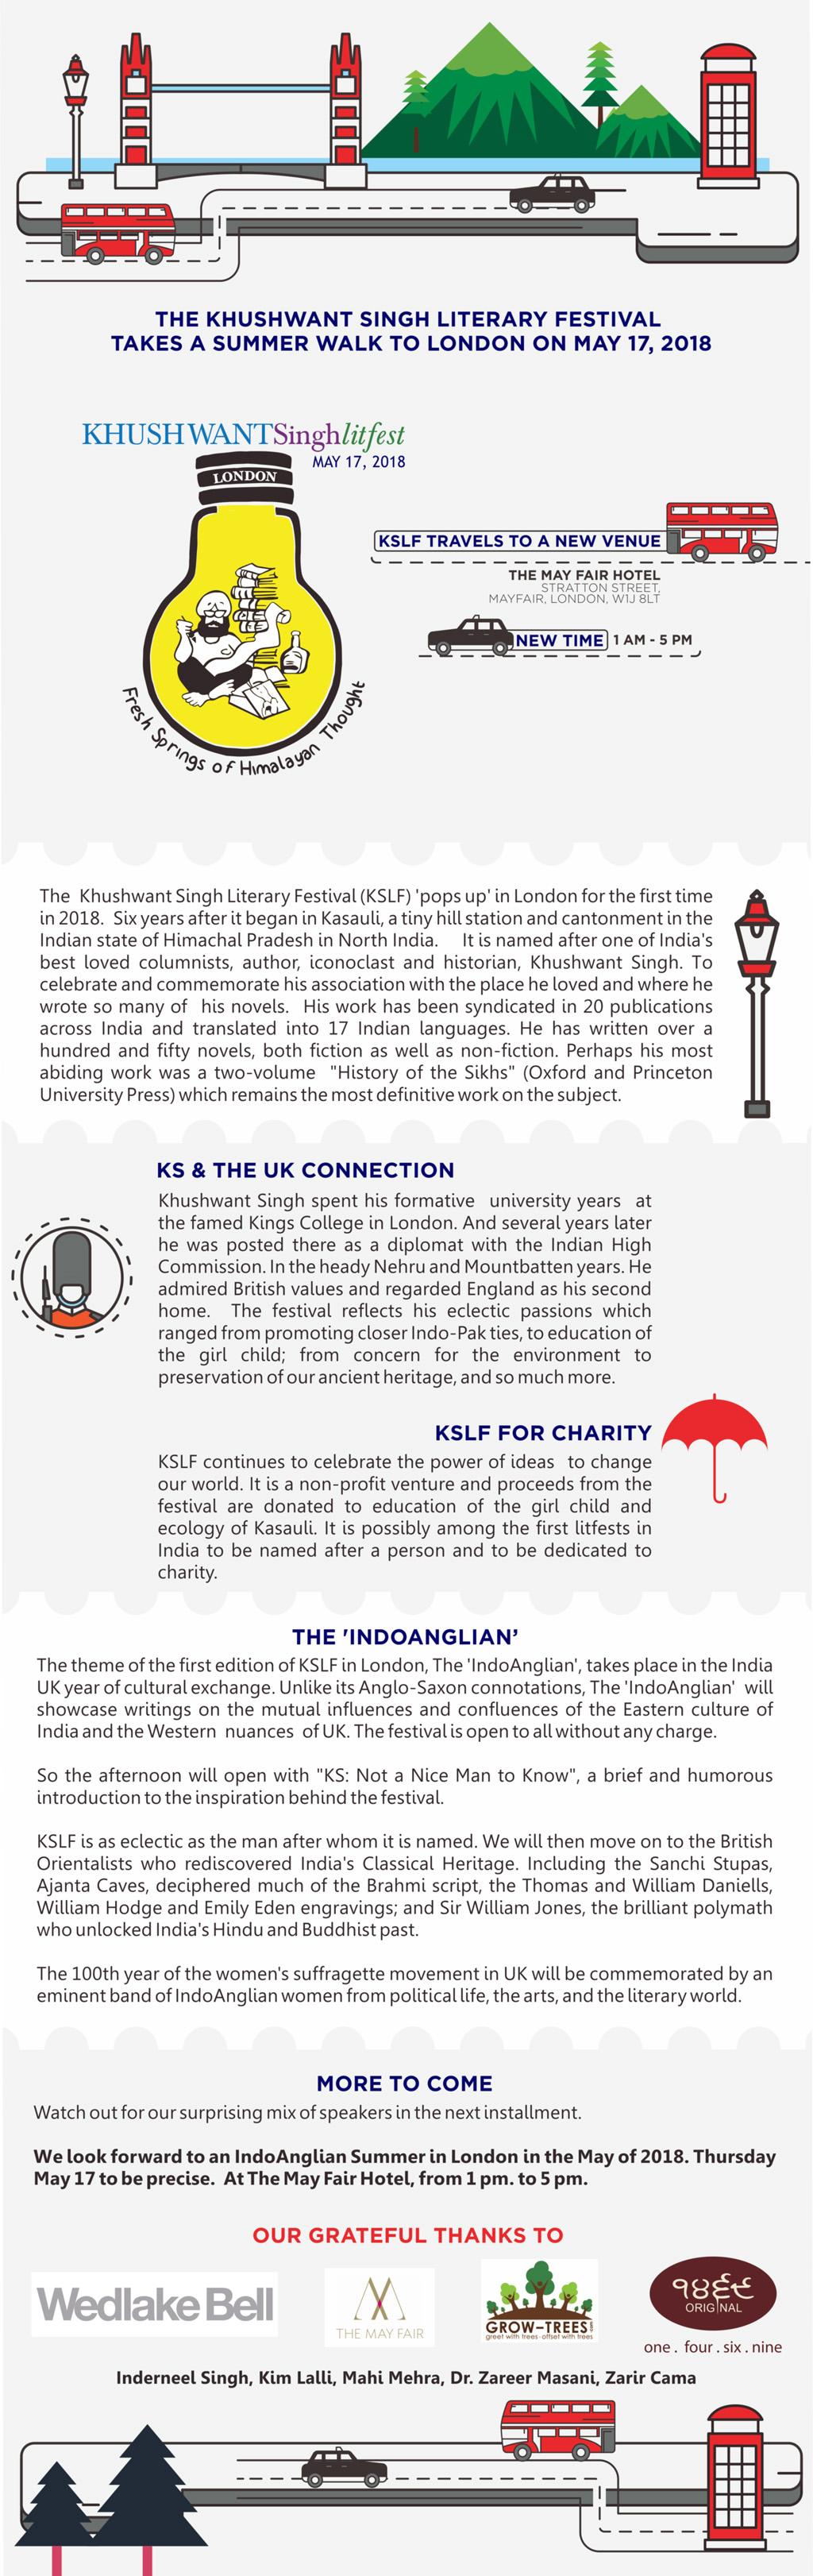 Khushwant Singh Literary Festival London